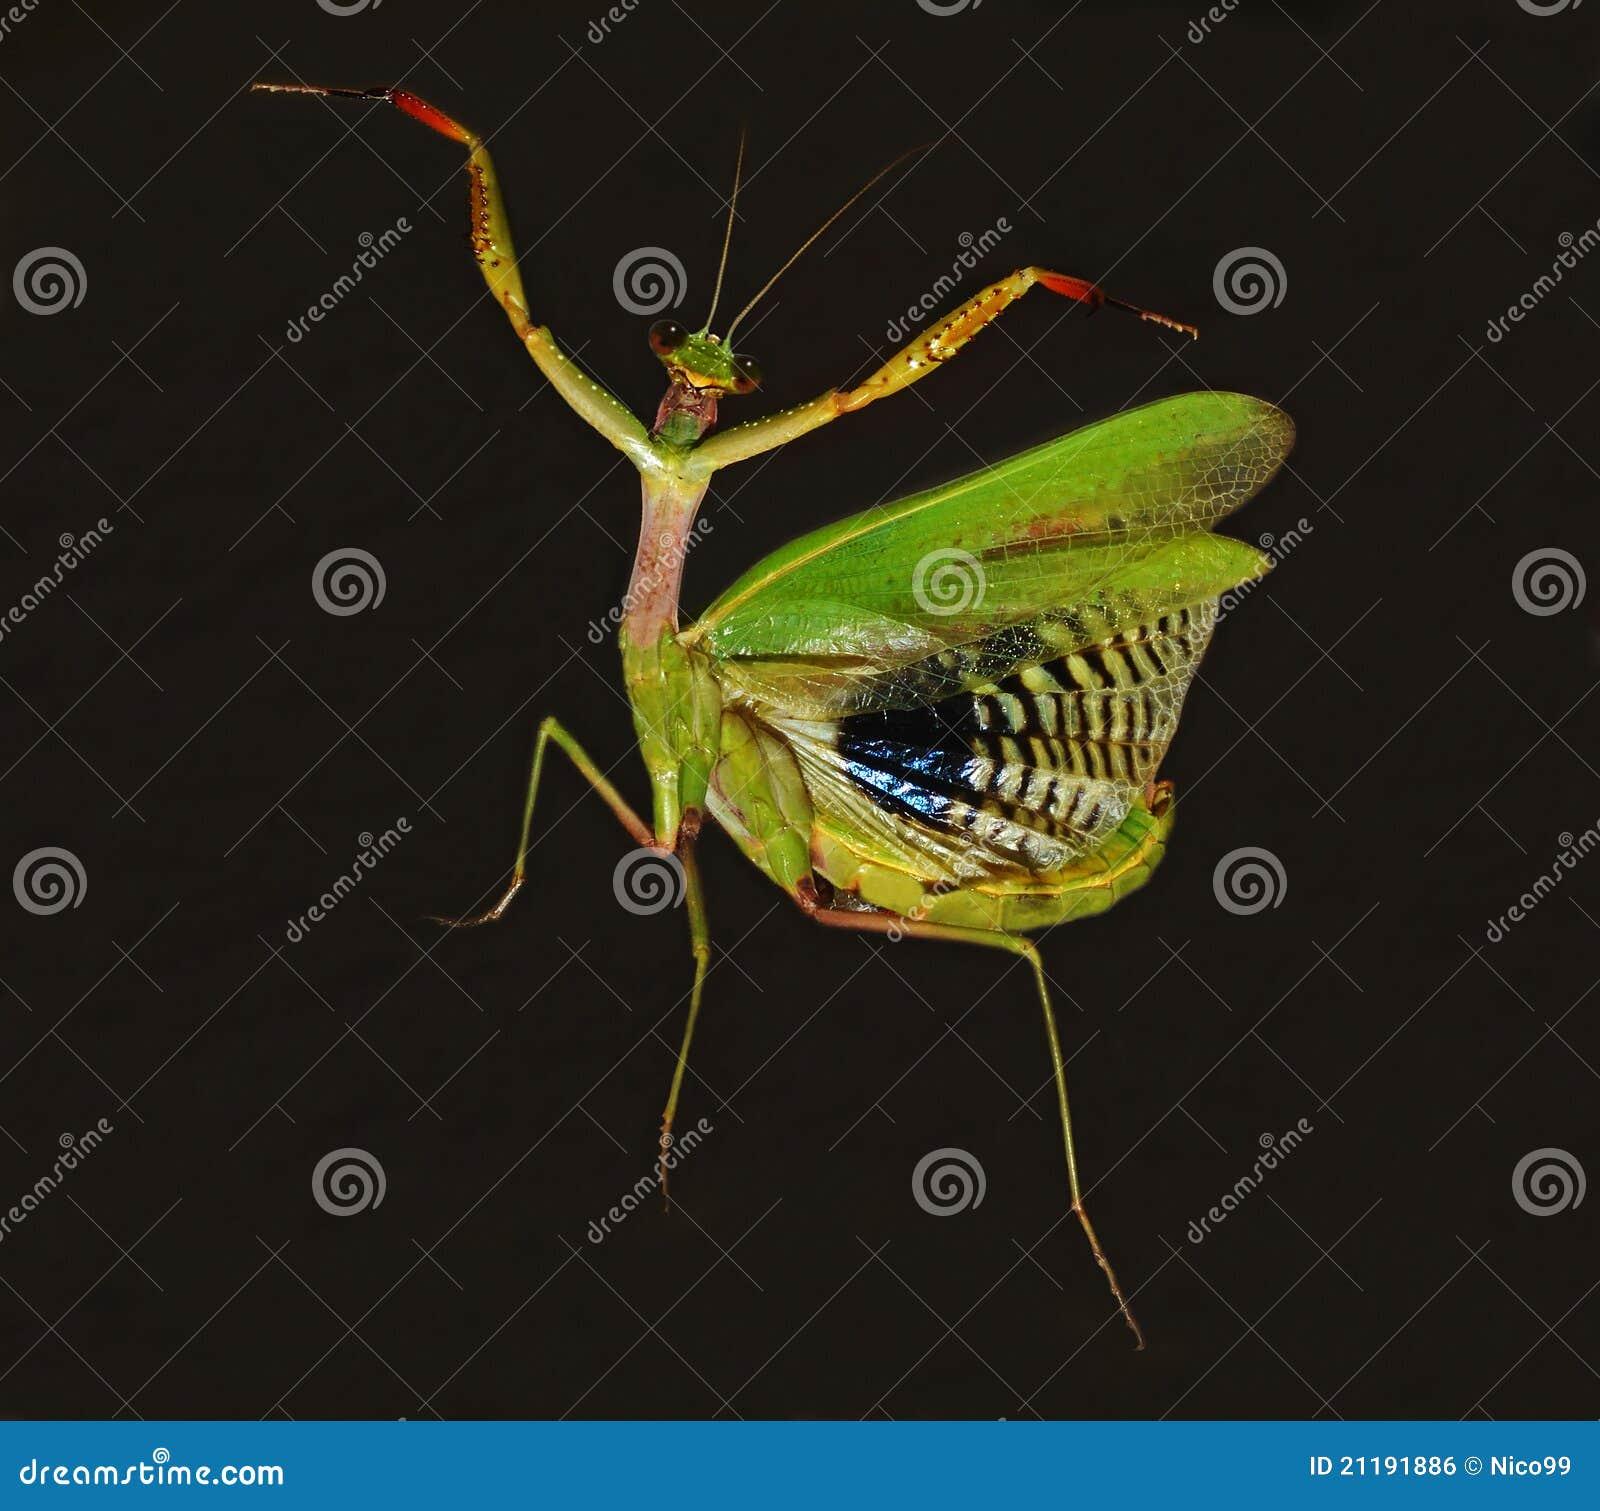 dancing praying mantis